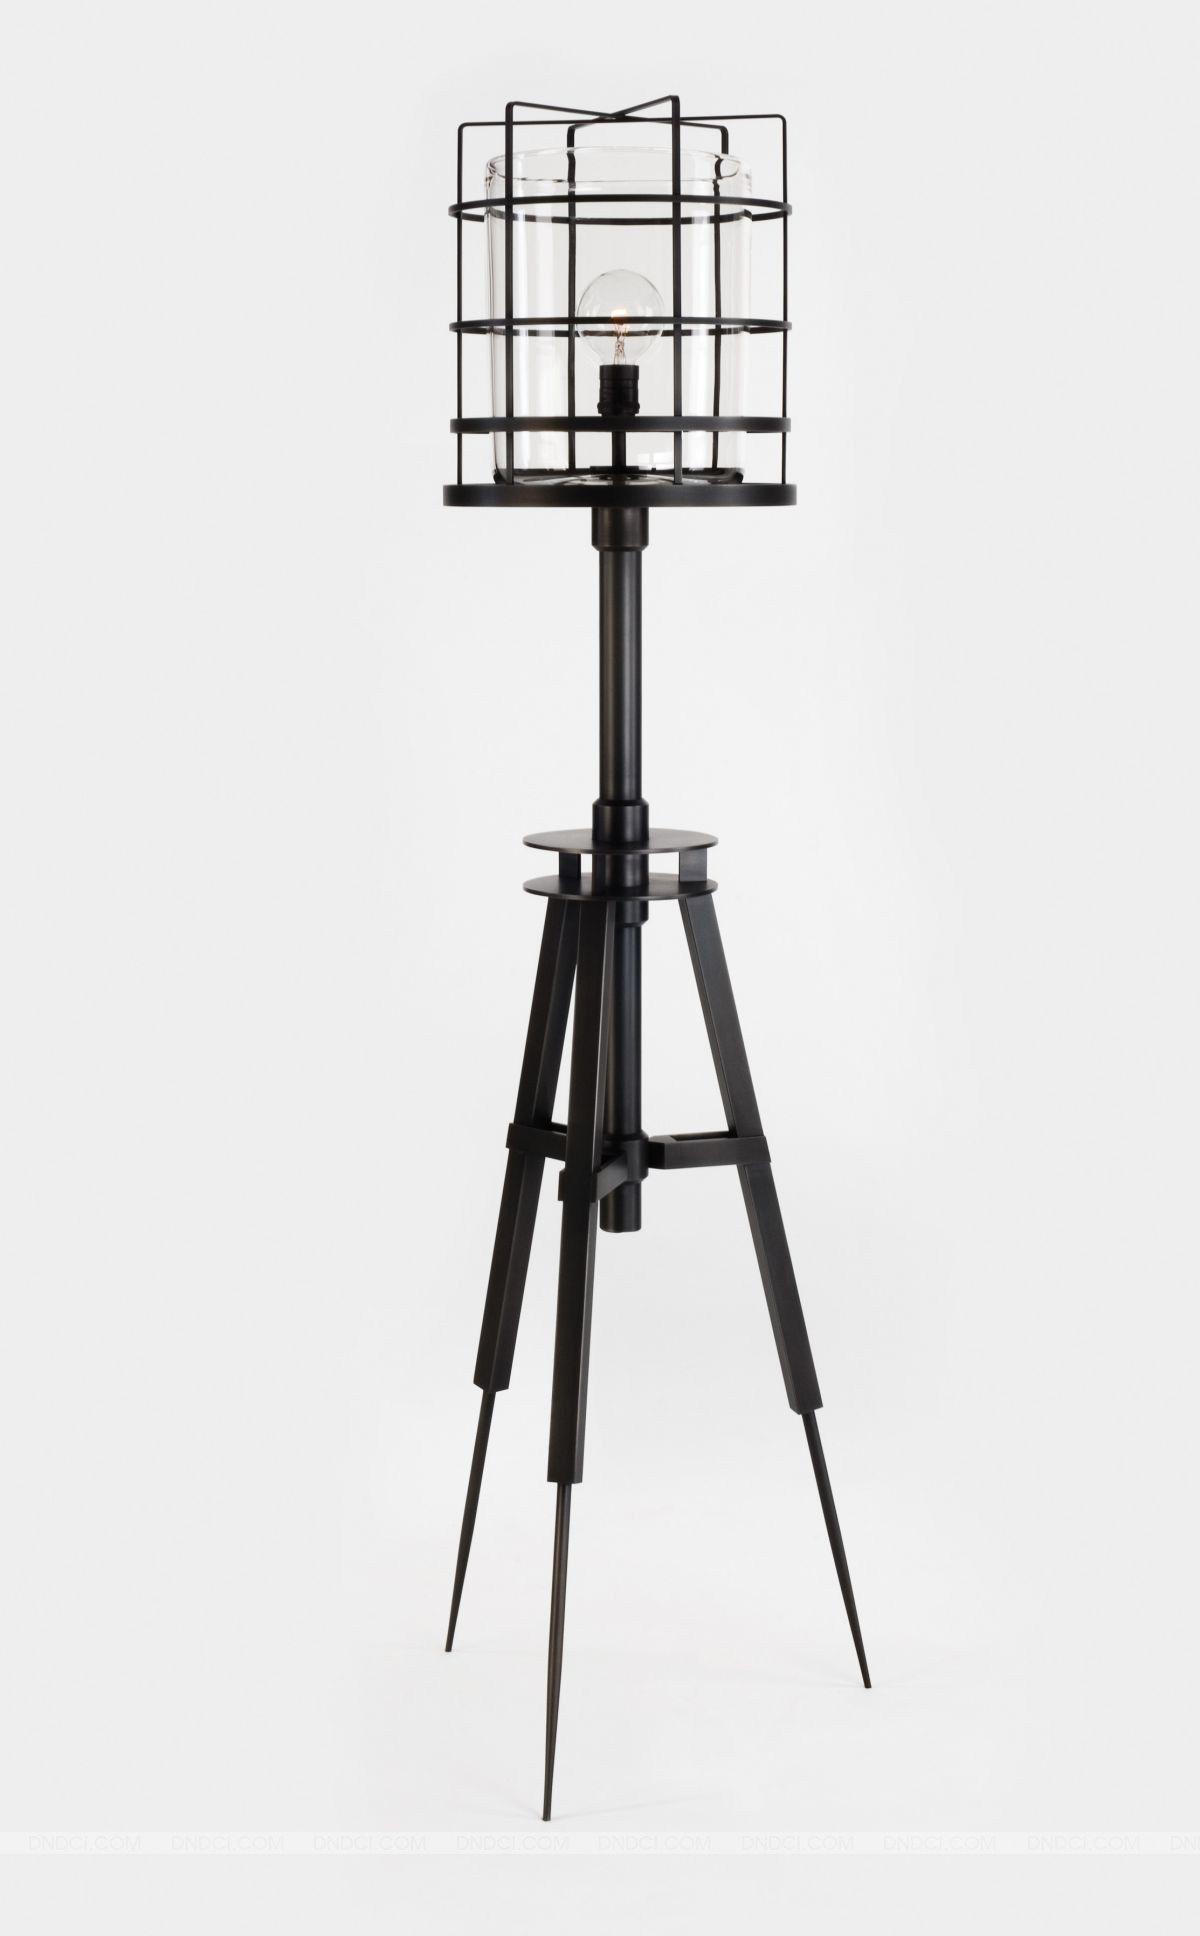 alison berger moderne verlichting lichtontwerp wandlamp lichtarmaturen coole kunst creativiteit